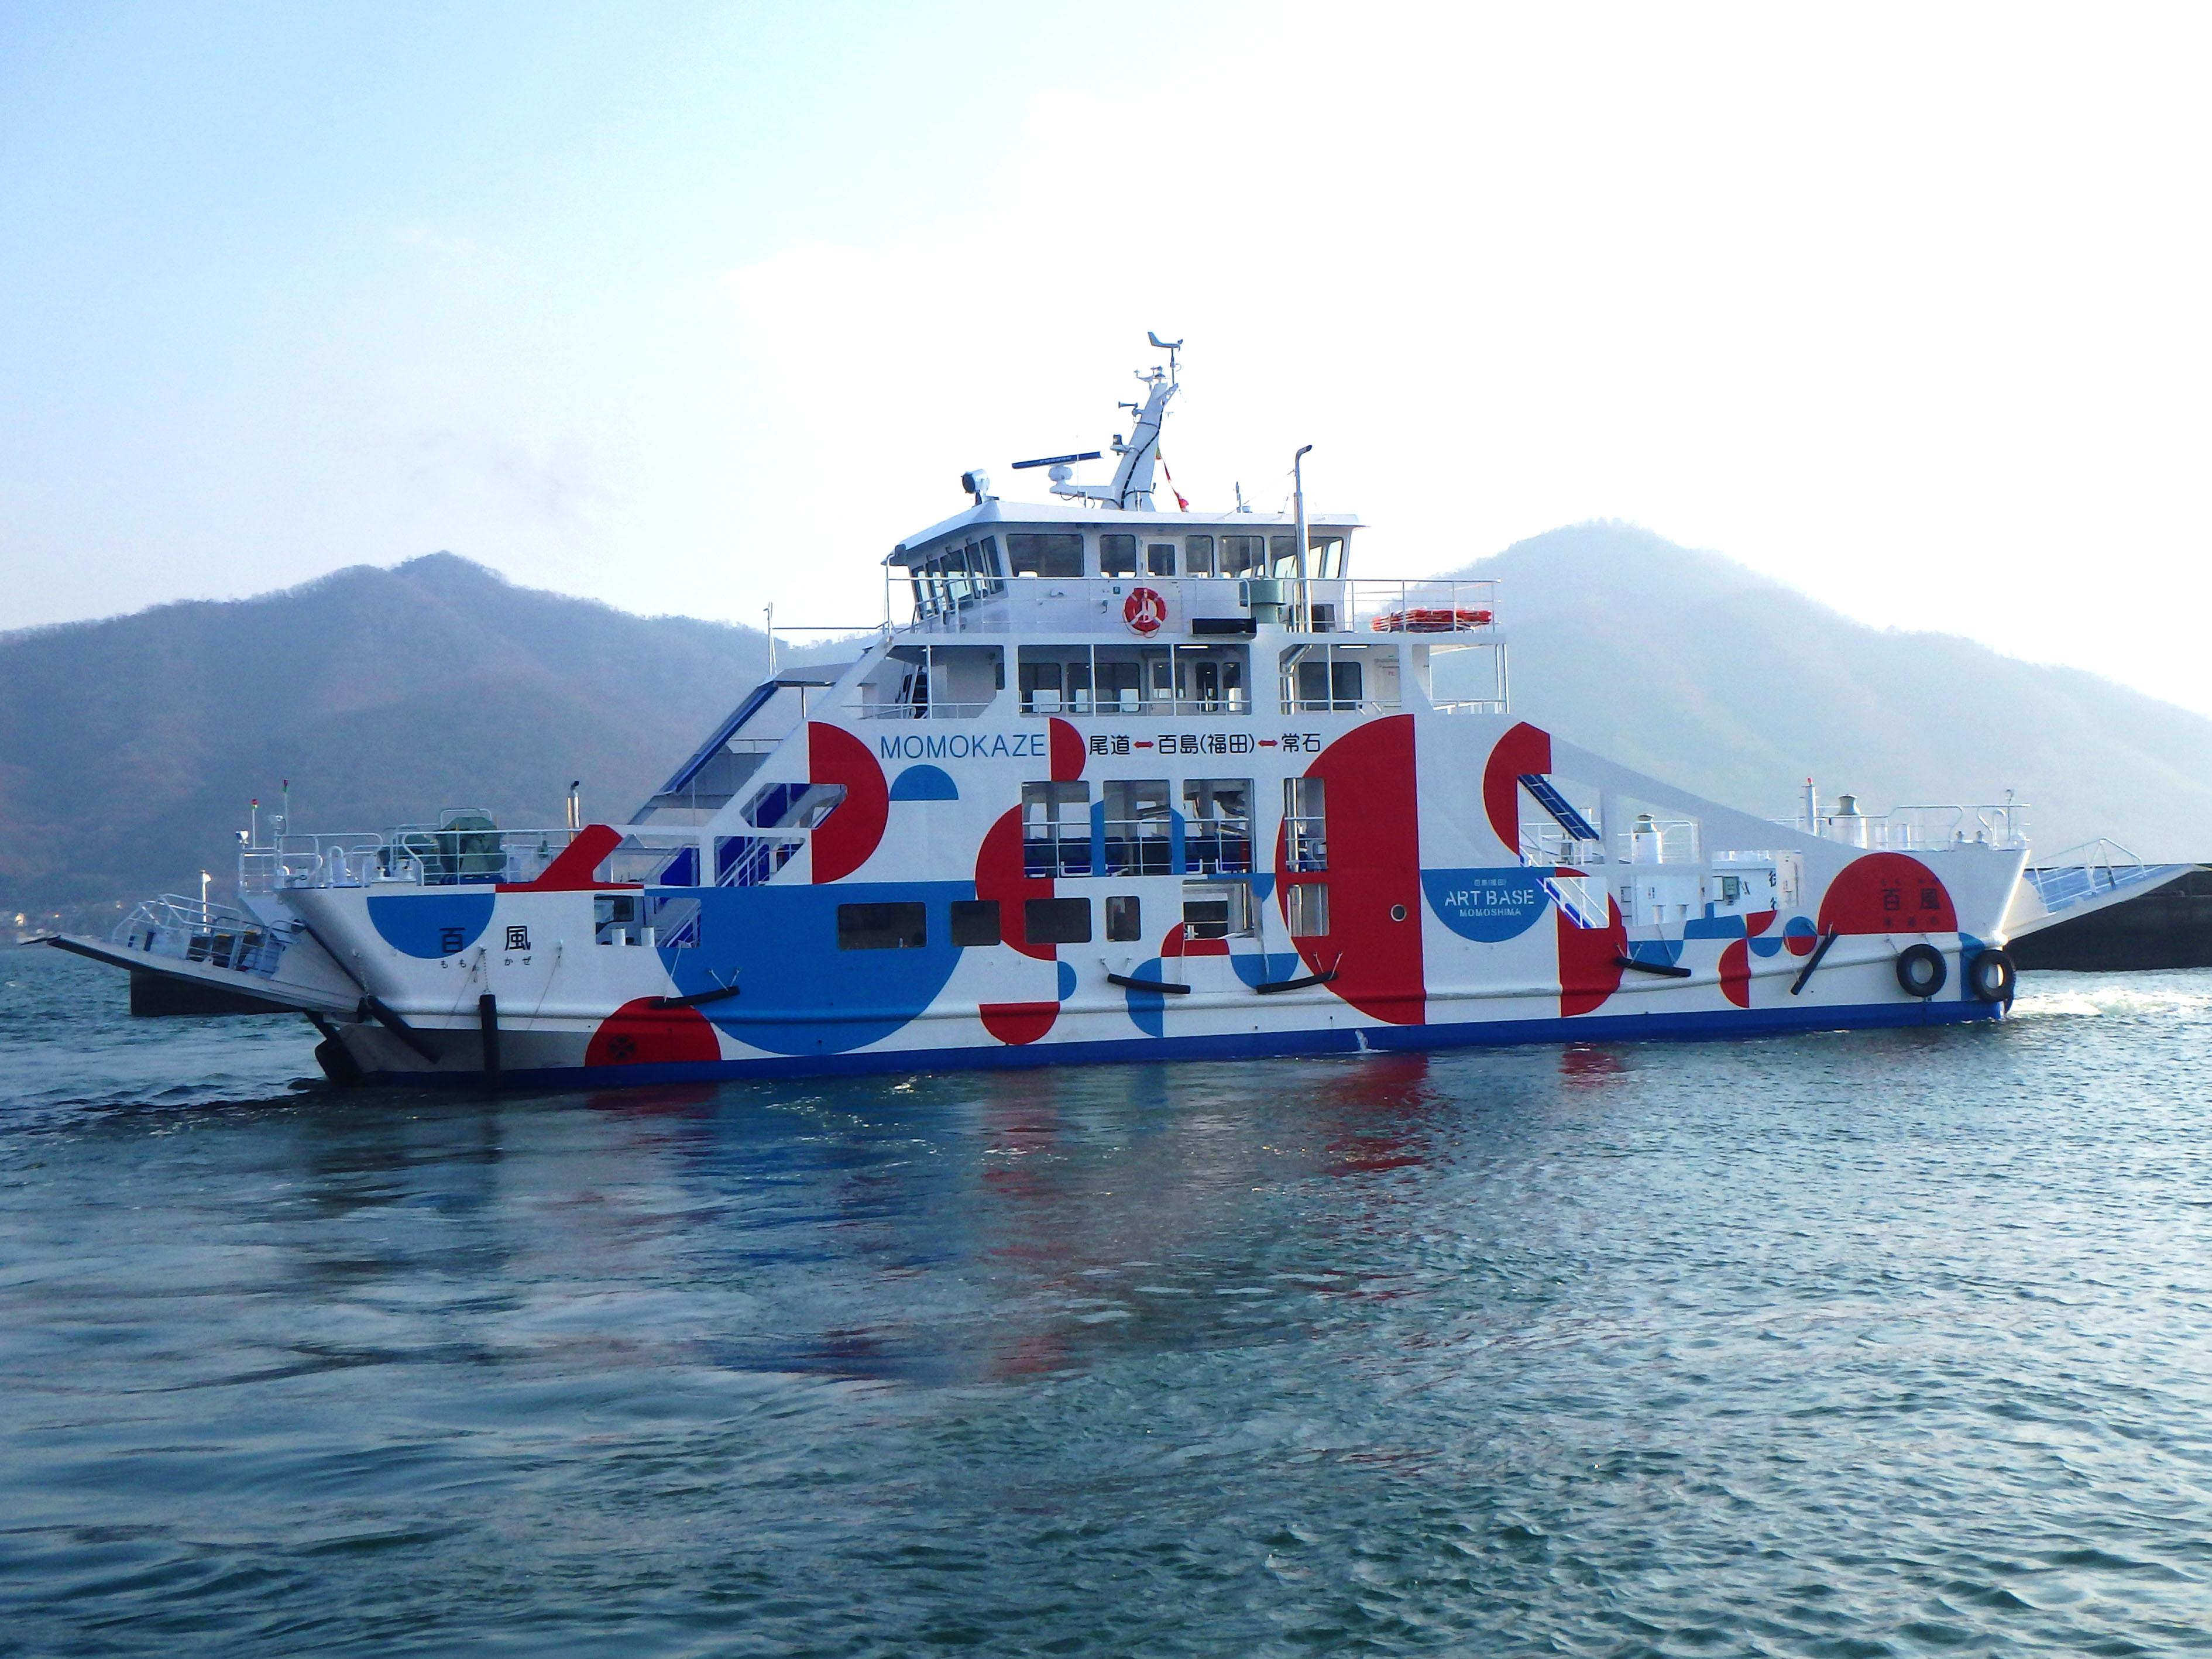 百島航路フェリー「百風(ももかぜ)」~生活の足として高い公共性を持つ瀬戸内の離島航路を結ぶ備後商船